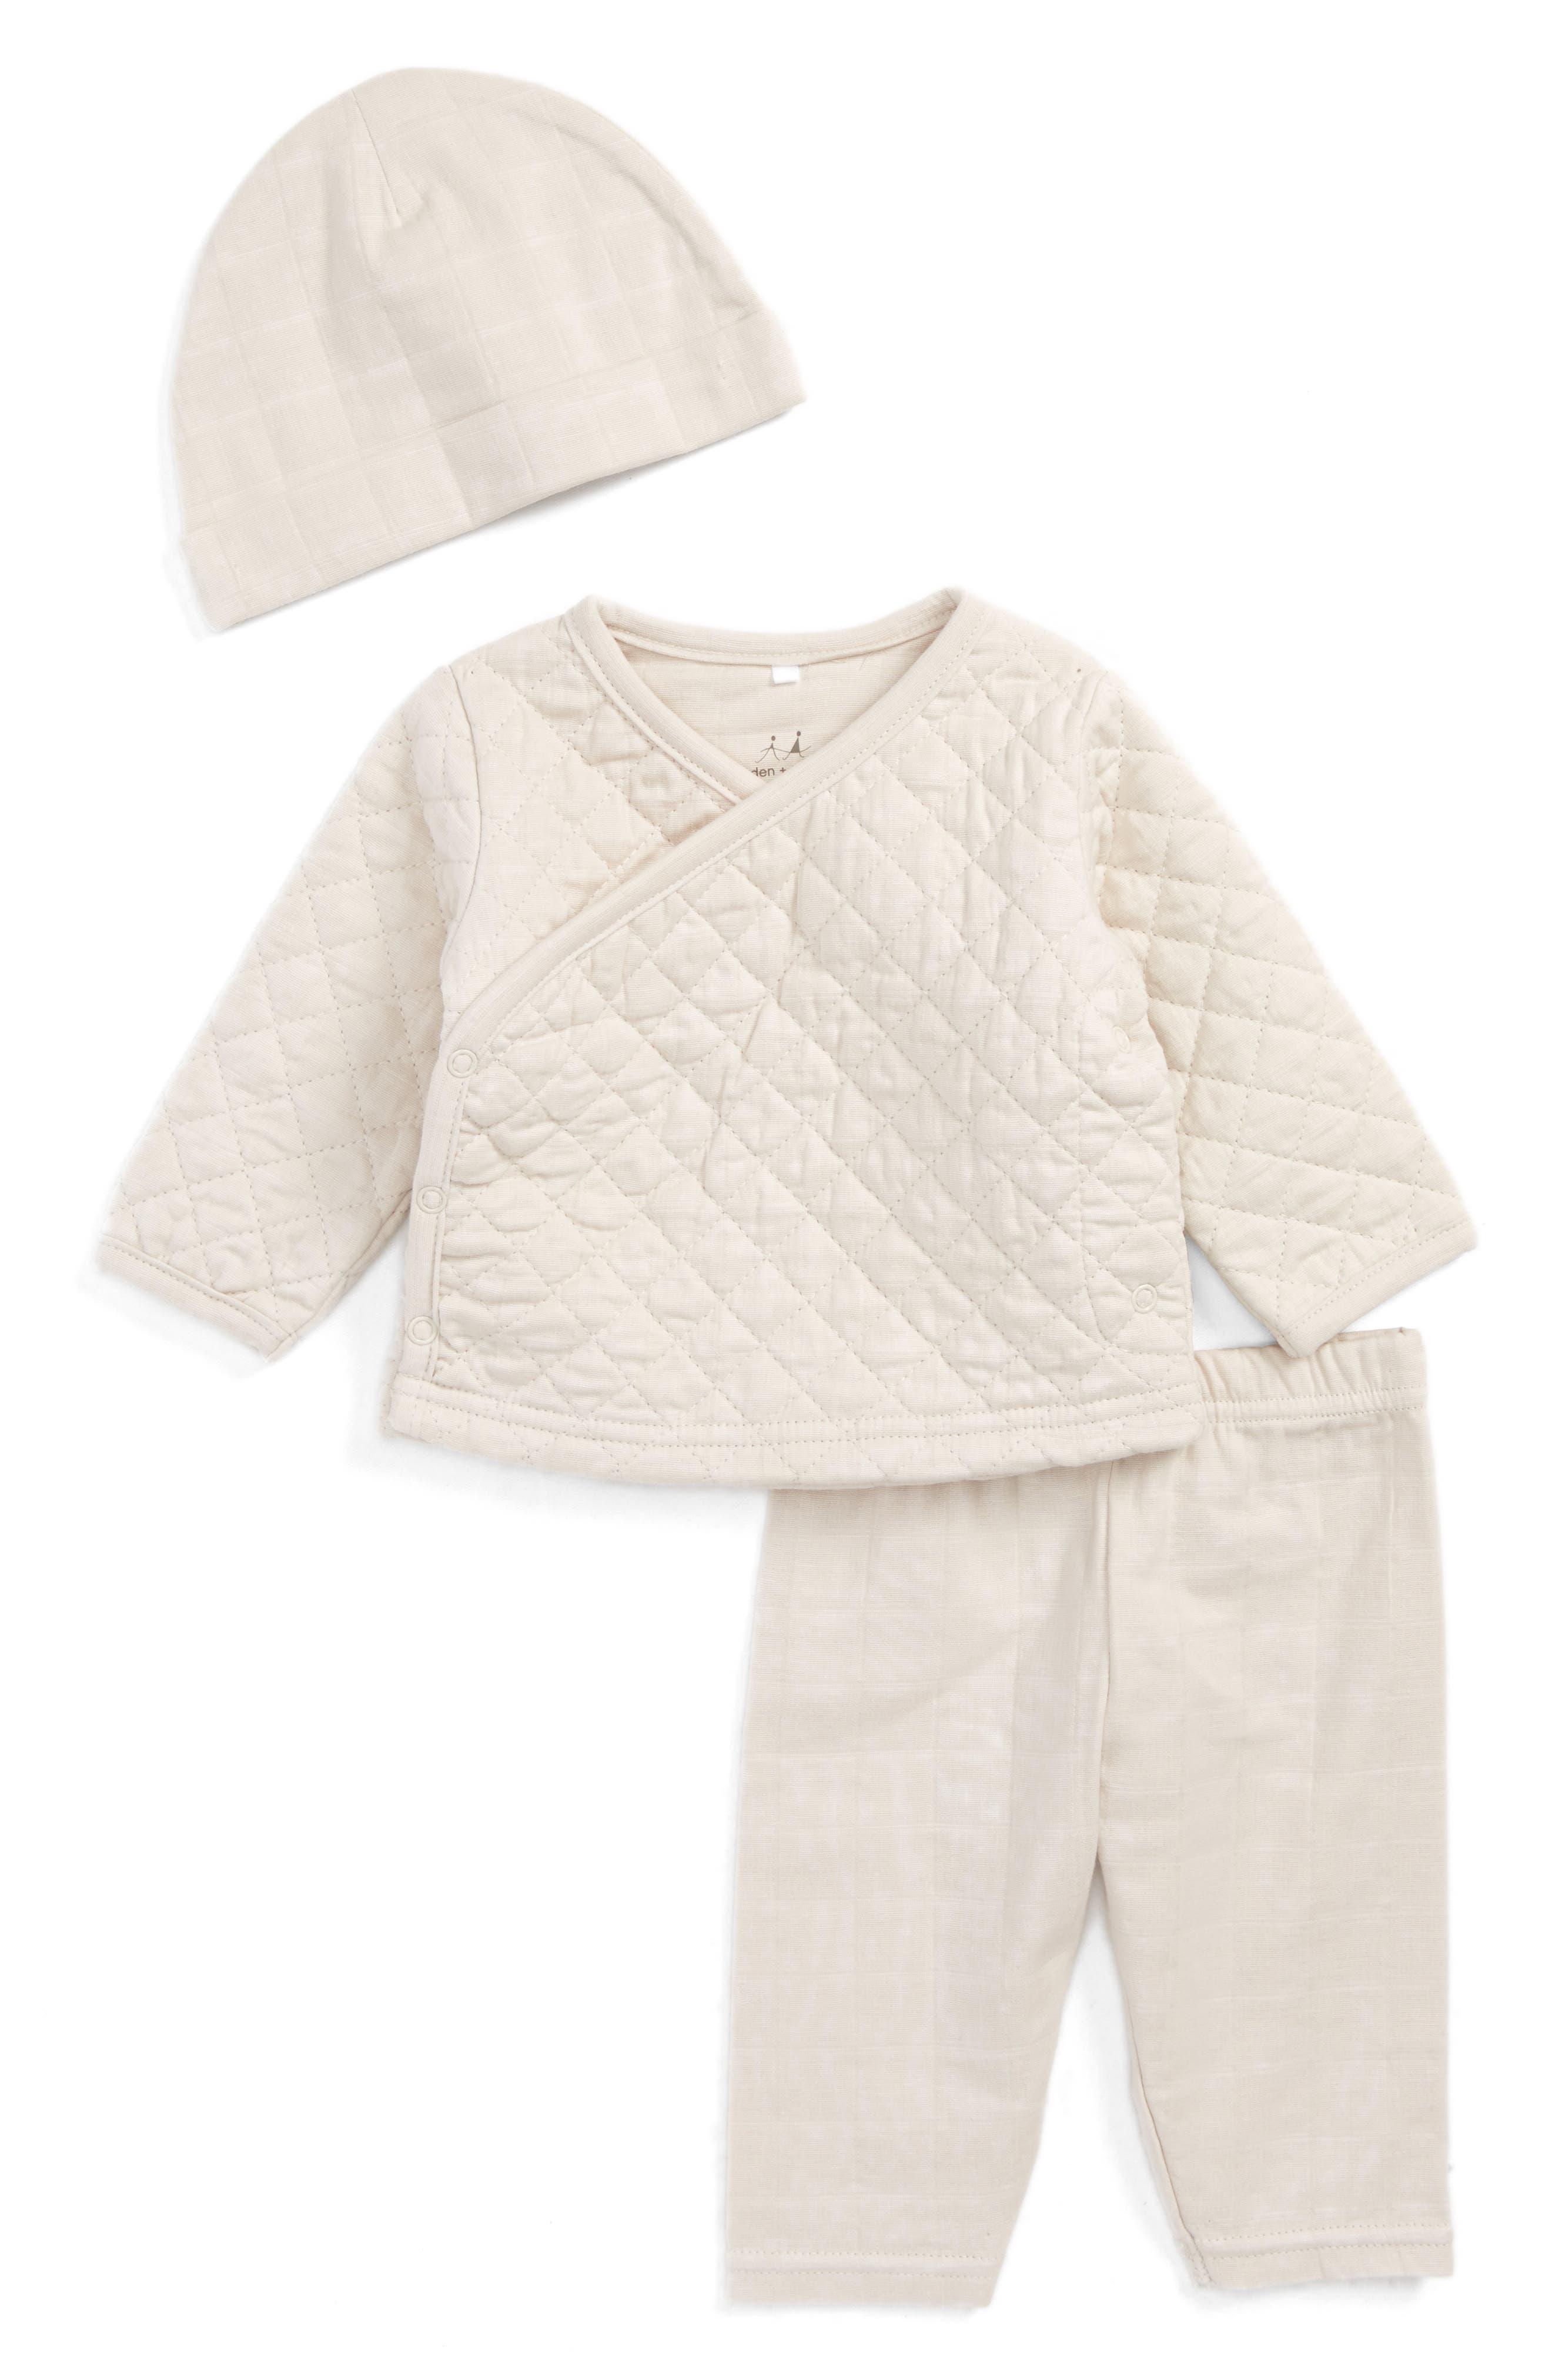 aden + anais Top, Pants & Hat Set (Baby)